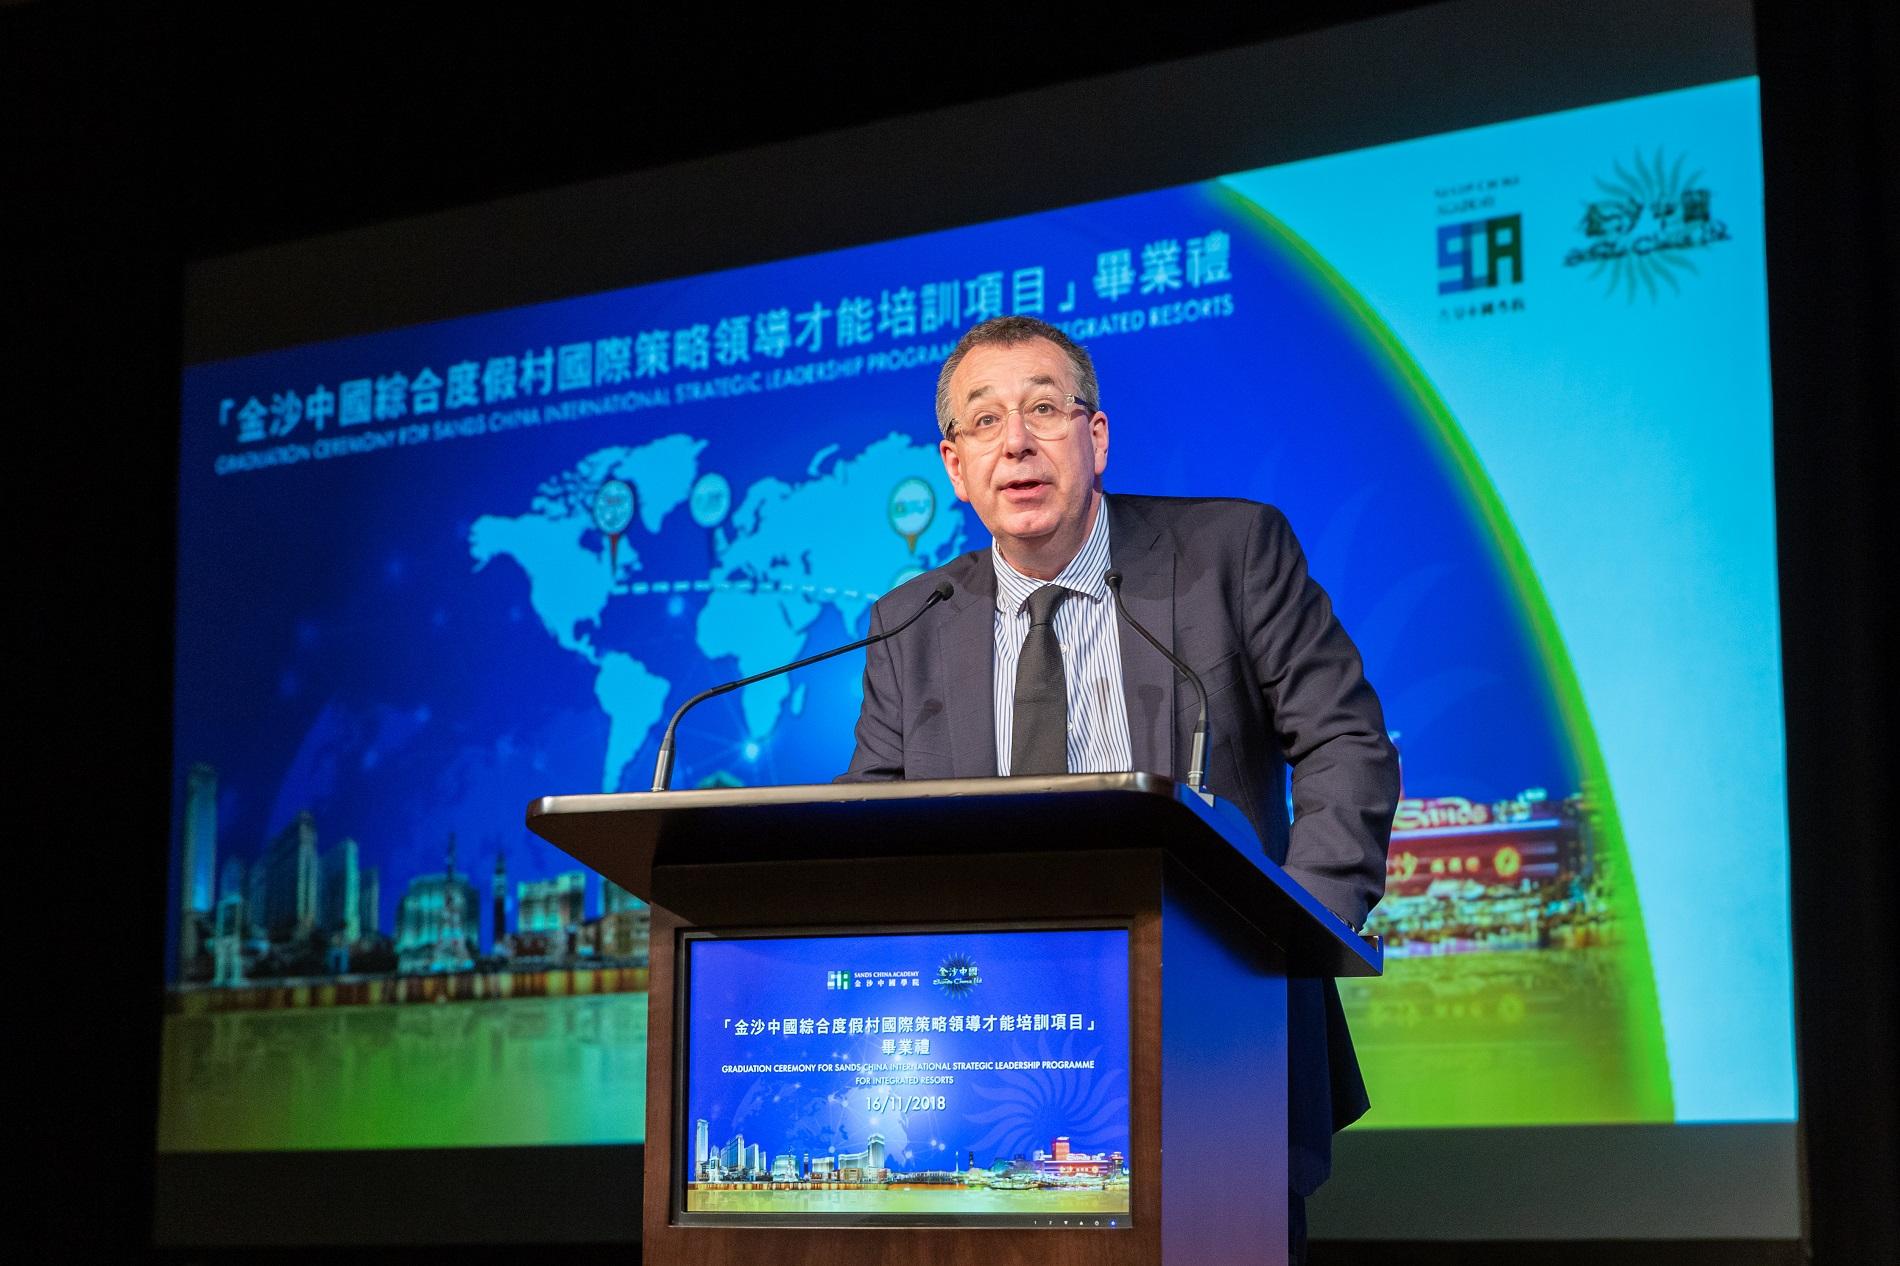 国际策略领导才能培训项目毕业典礼 -  金沙中国有限公司